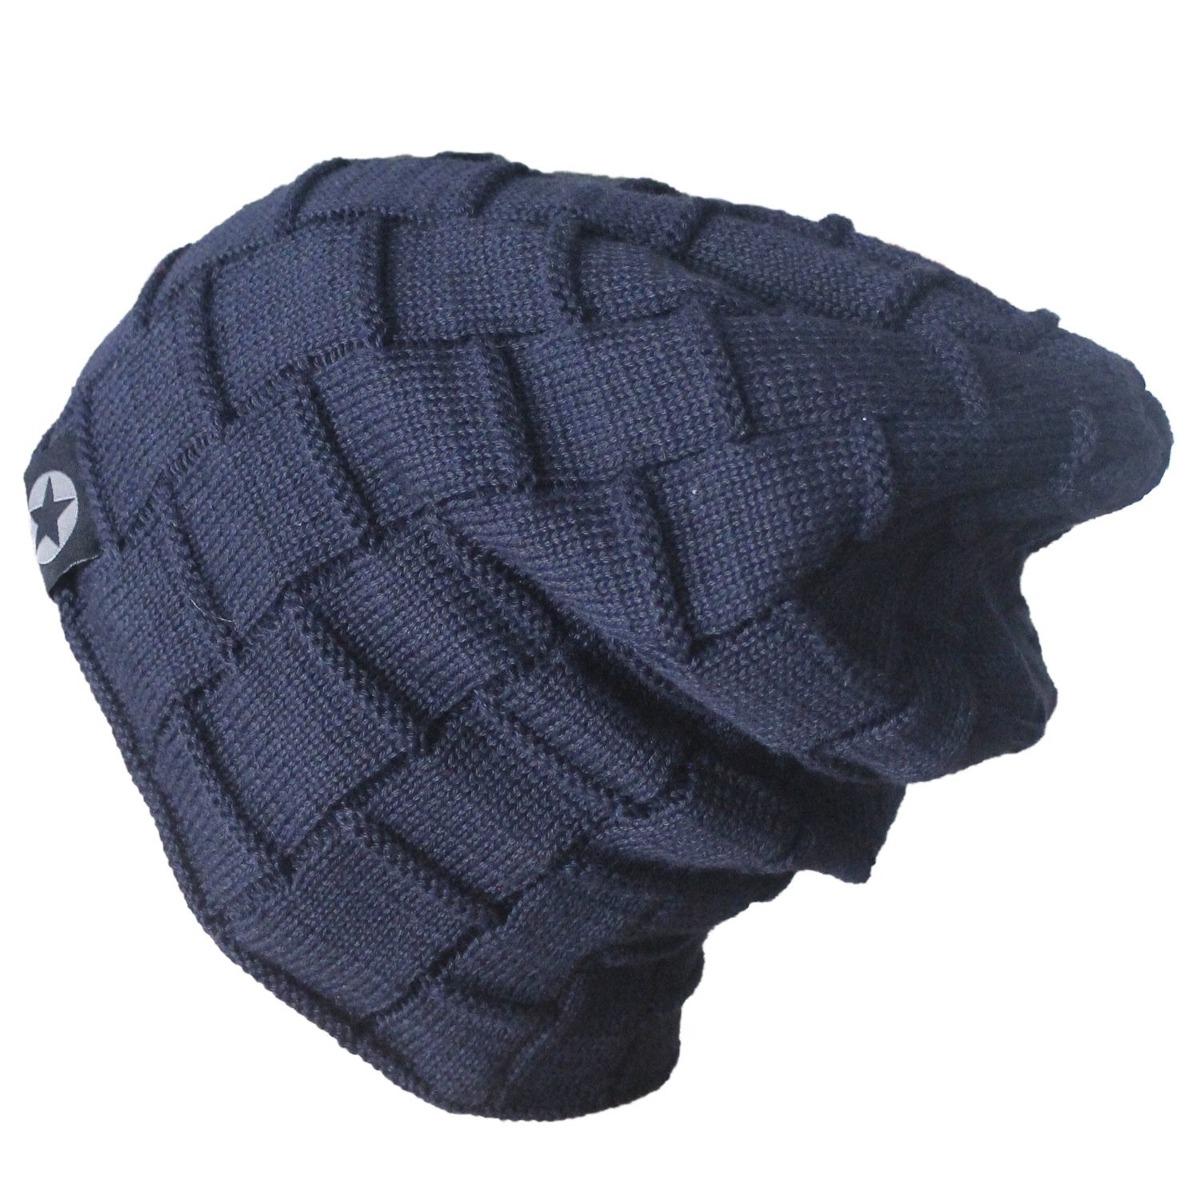 lana bodvera invierno gorro de lana gruesos calientes del es. Cargando zoom. 404f75bac3e